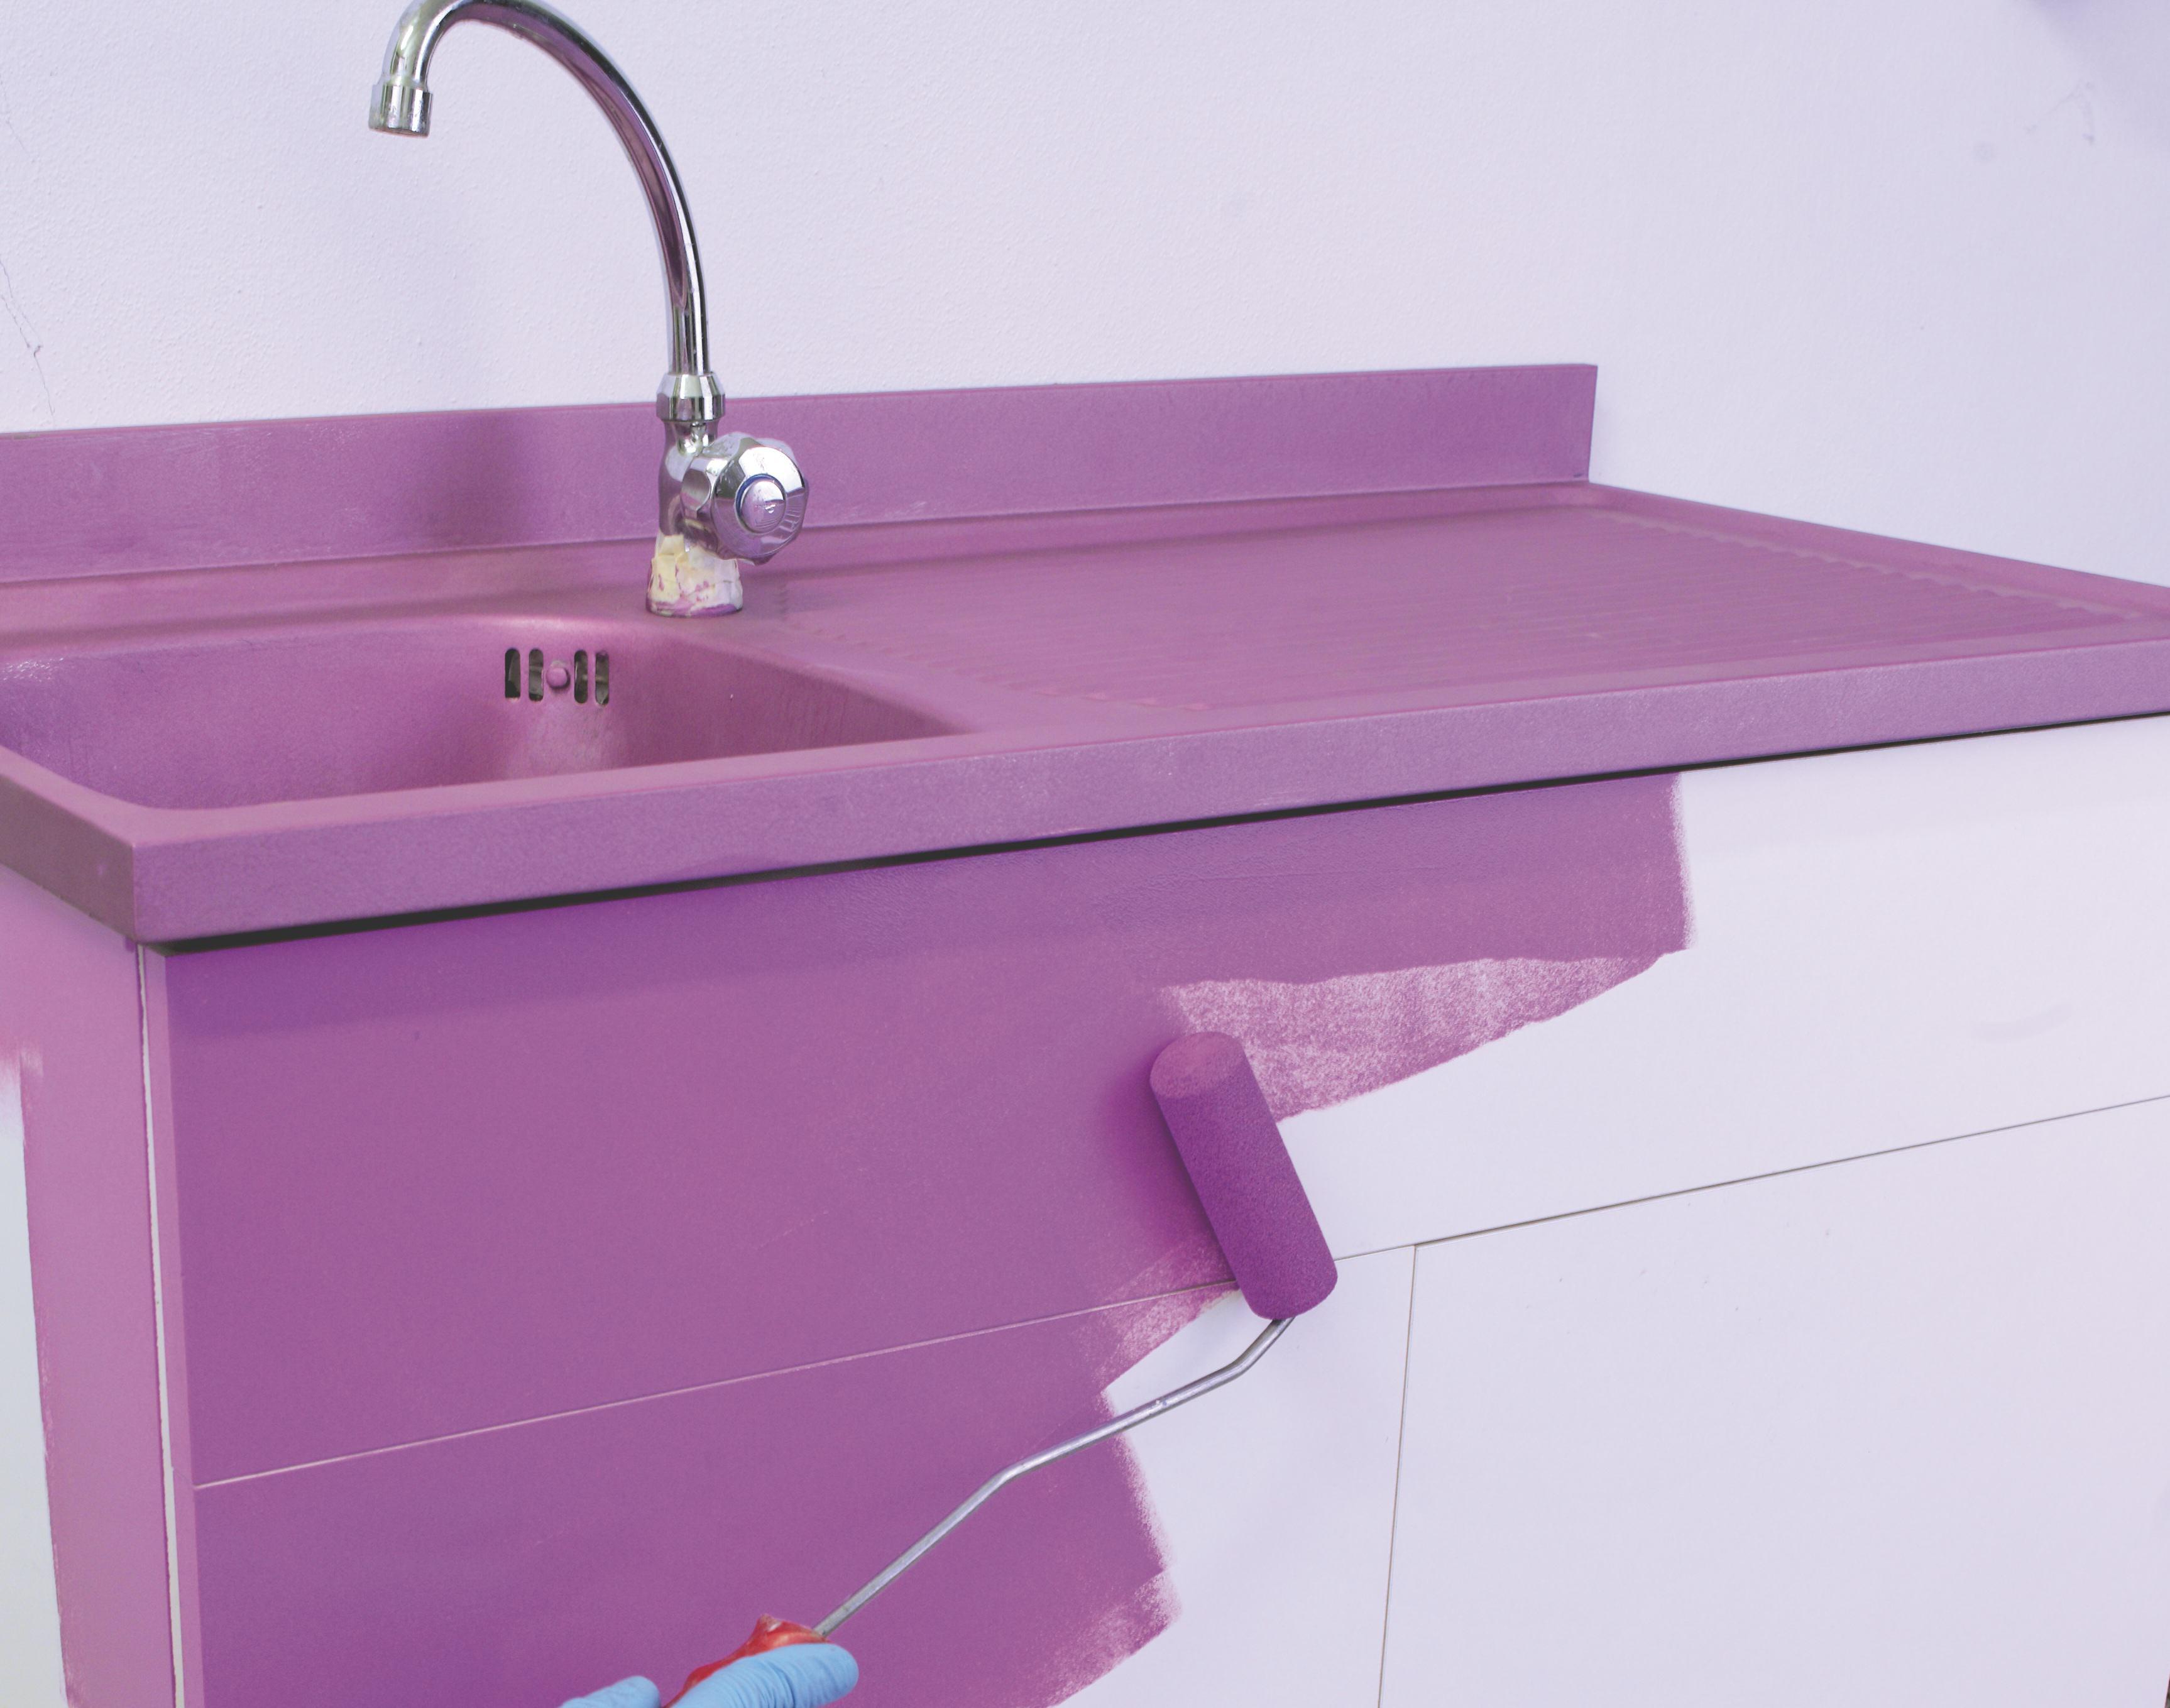 Vernici per piastrelle bagno best dipingere il bagno idee vernici per piastrelle del moderno - Vernice piastrelle bagno leroy merlin ...